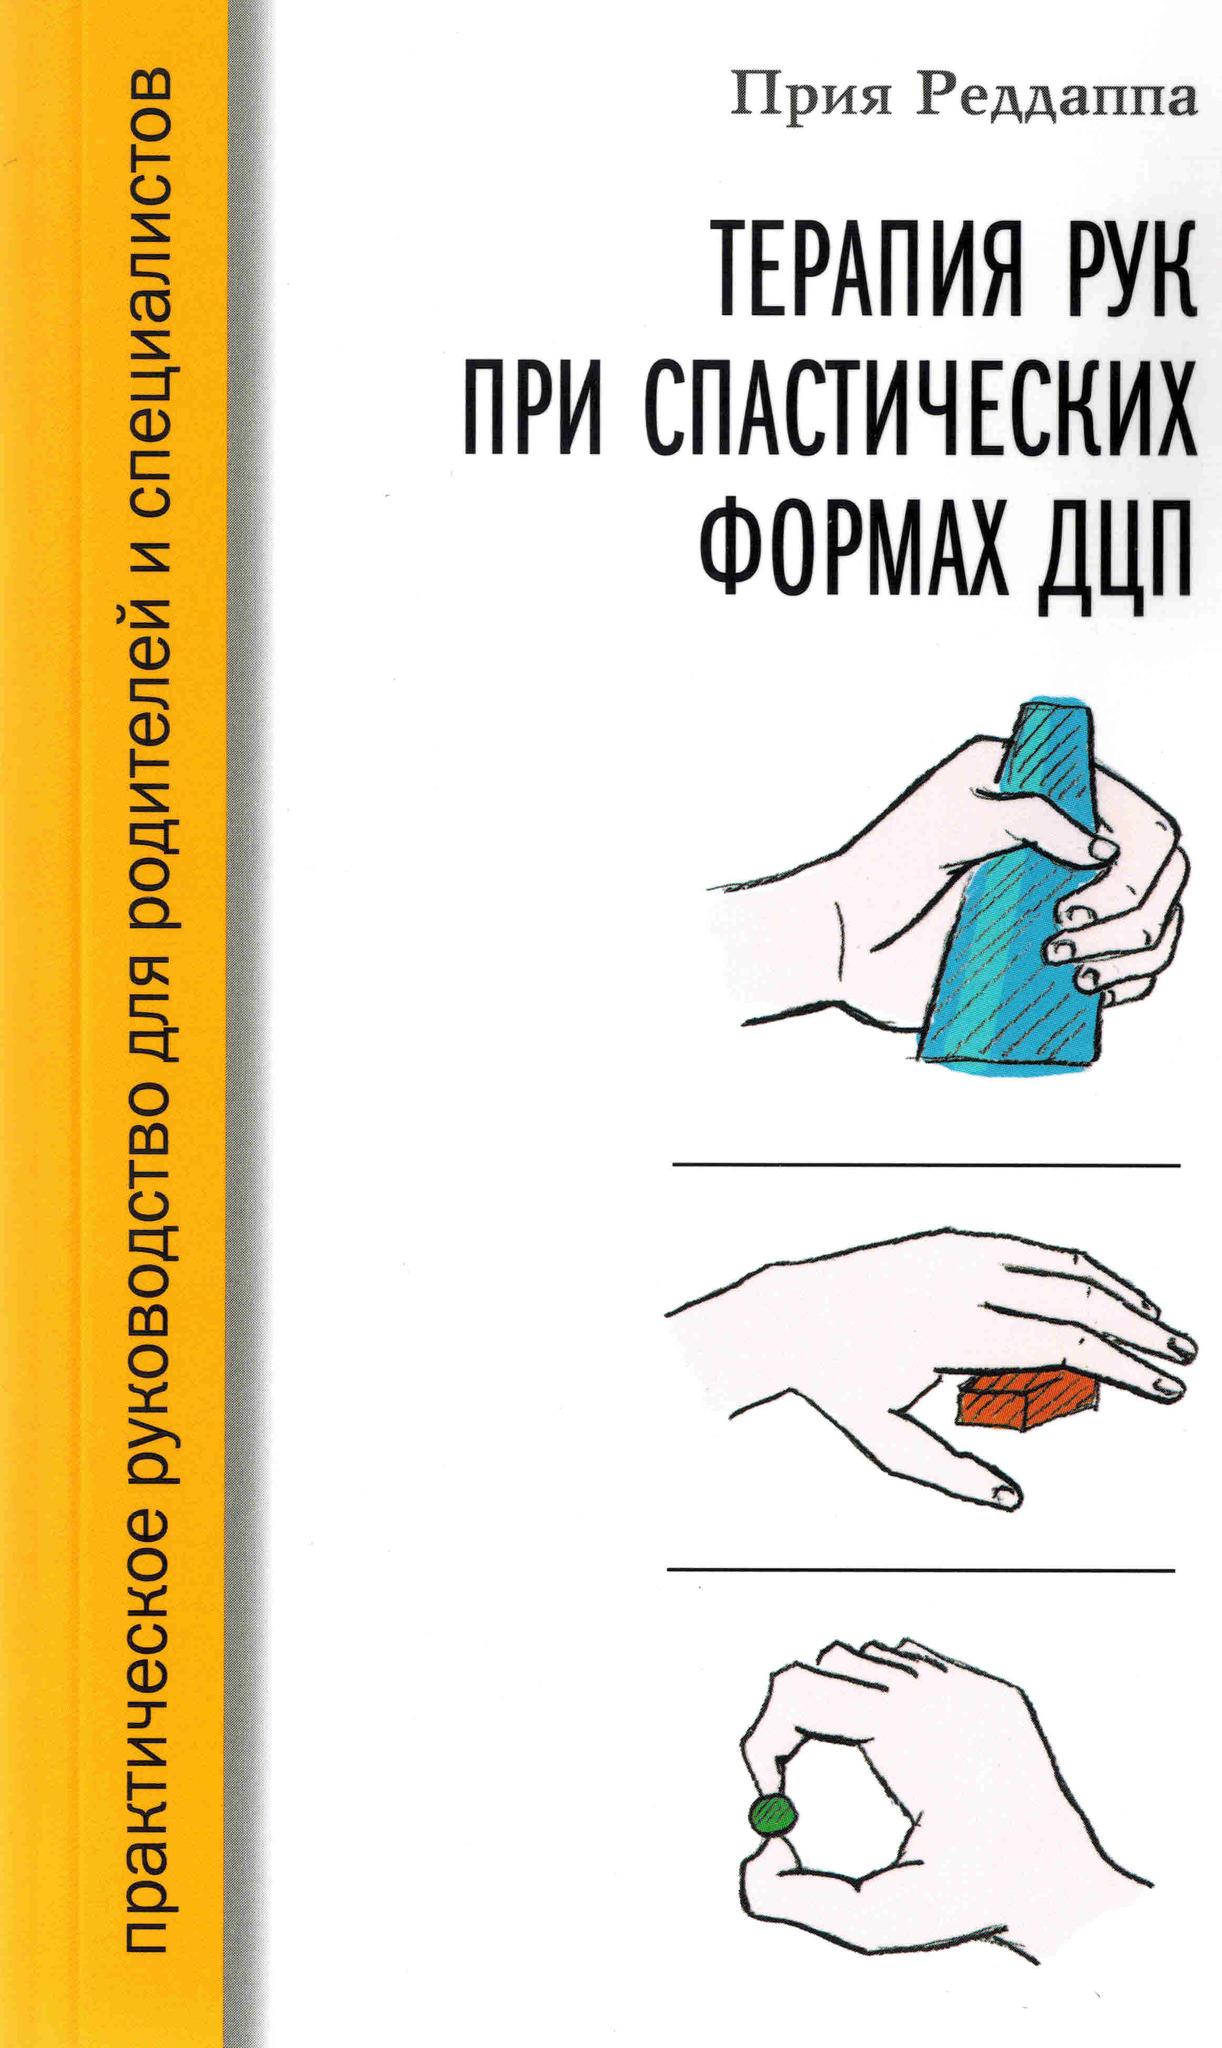 Новинки Терапия рук при спастических формах ДЦП. Практическое руководство для родителей и специалистов trpsfdcp.jpg